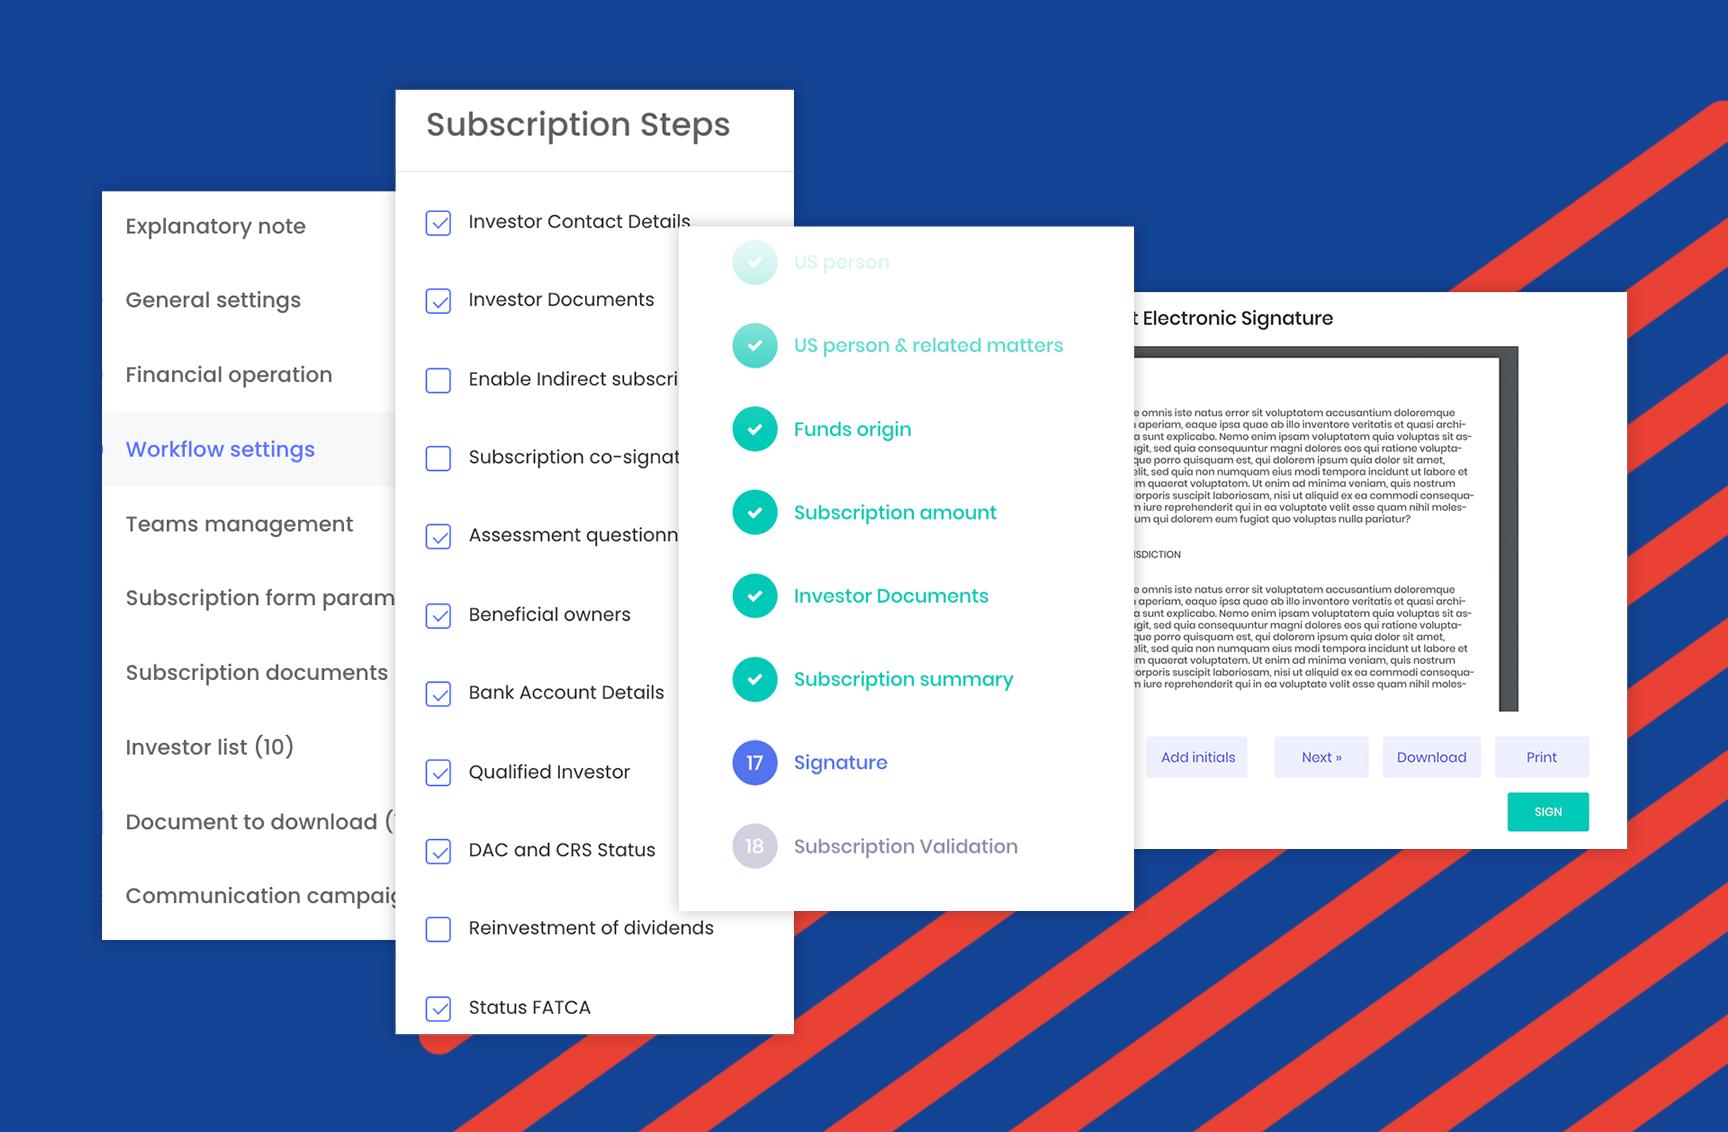 La digitalisation du processus de souscription : quels enjeux pour l'expérience client ?